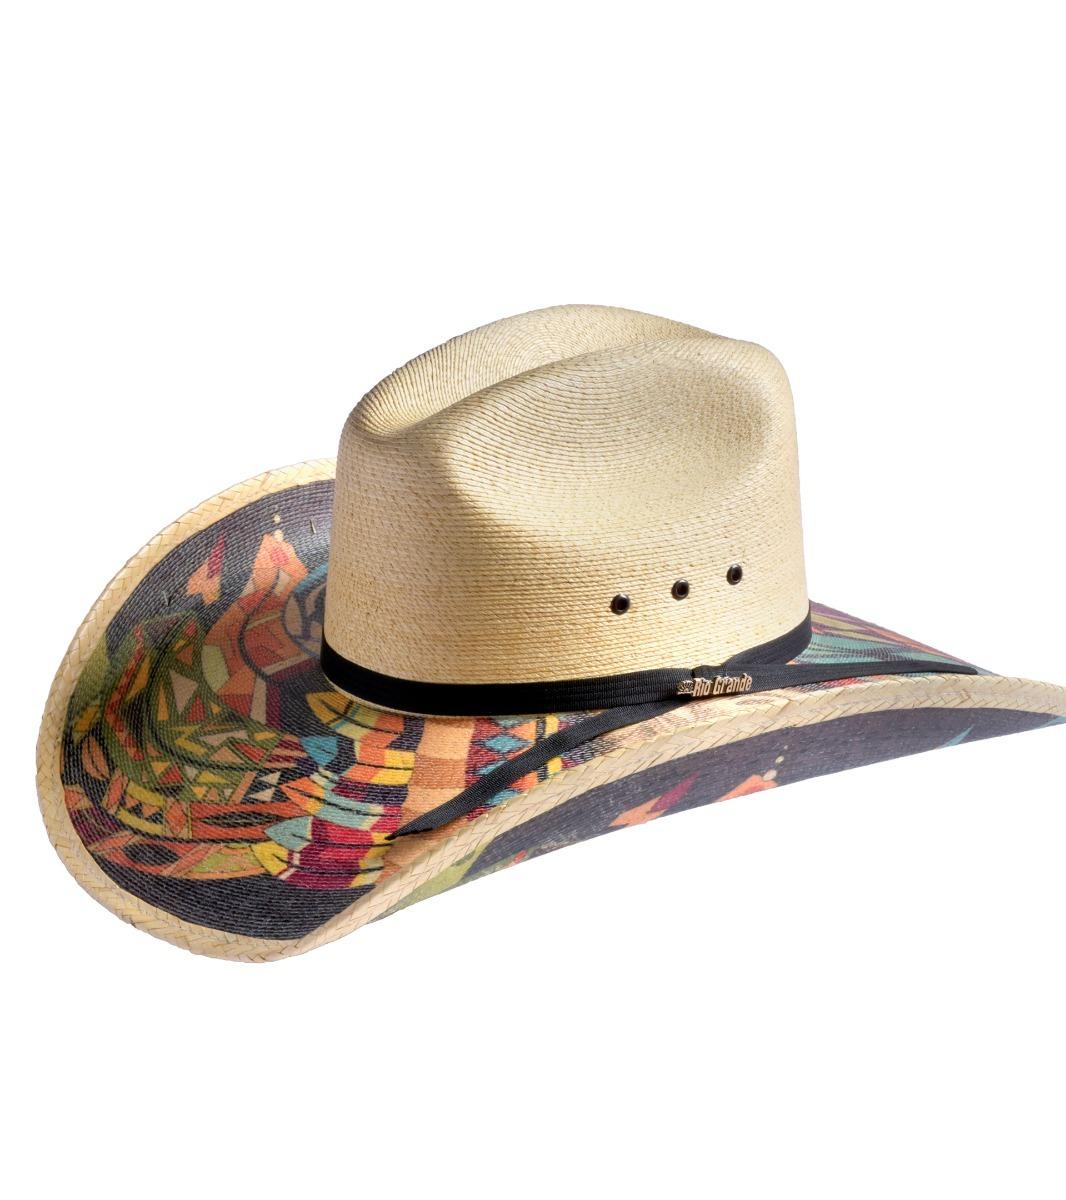 Sombrero vaquero de palma imagenesmy com jpg 1066x1200 Palma sombreros  vaqueros para hombre e09590de6b6